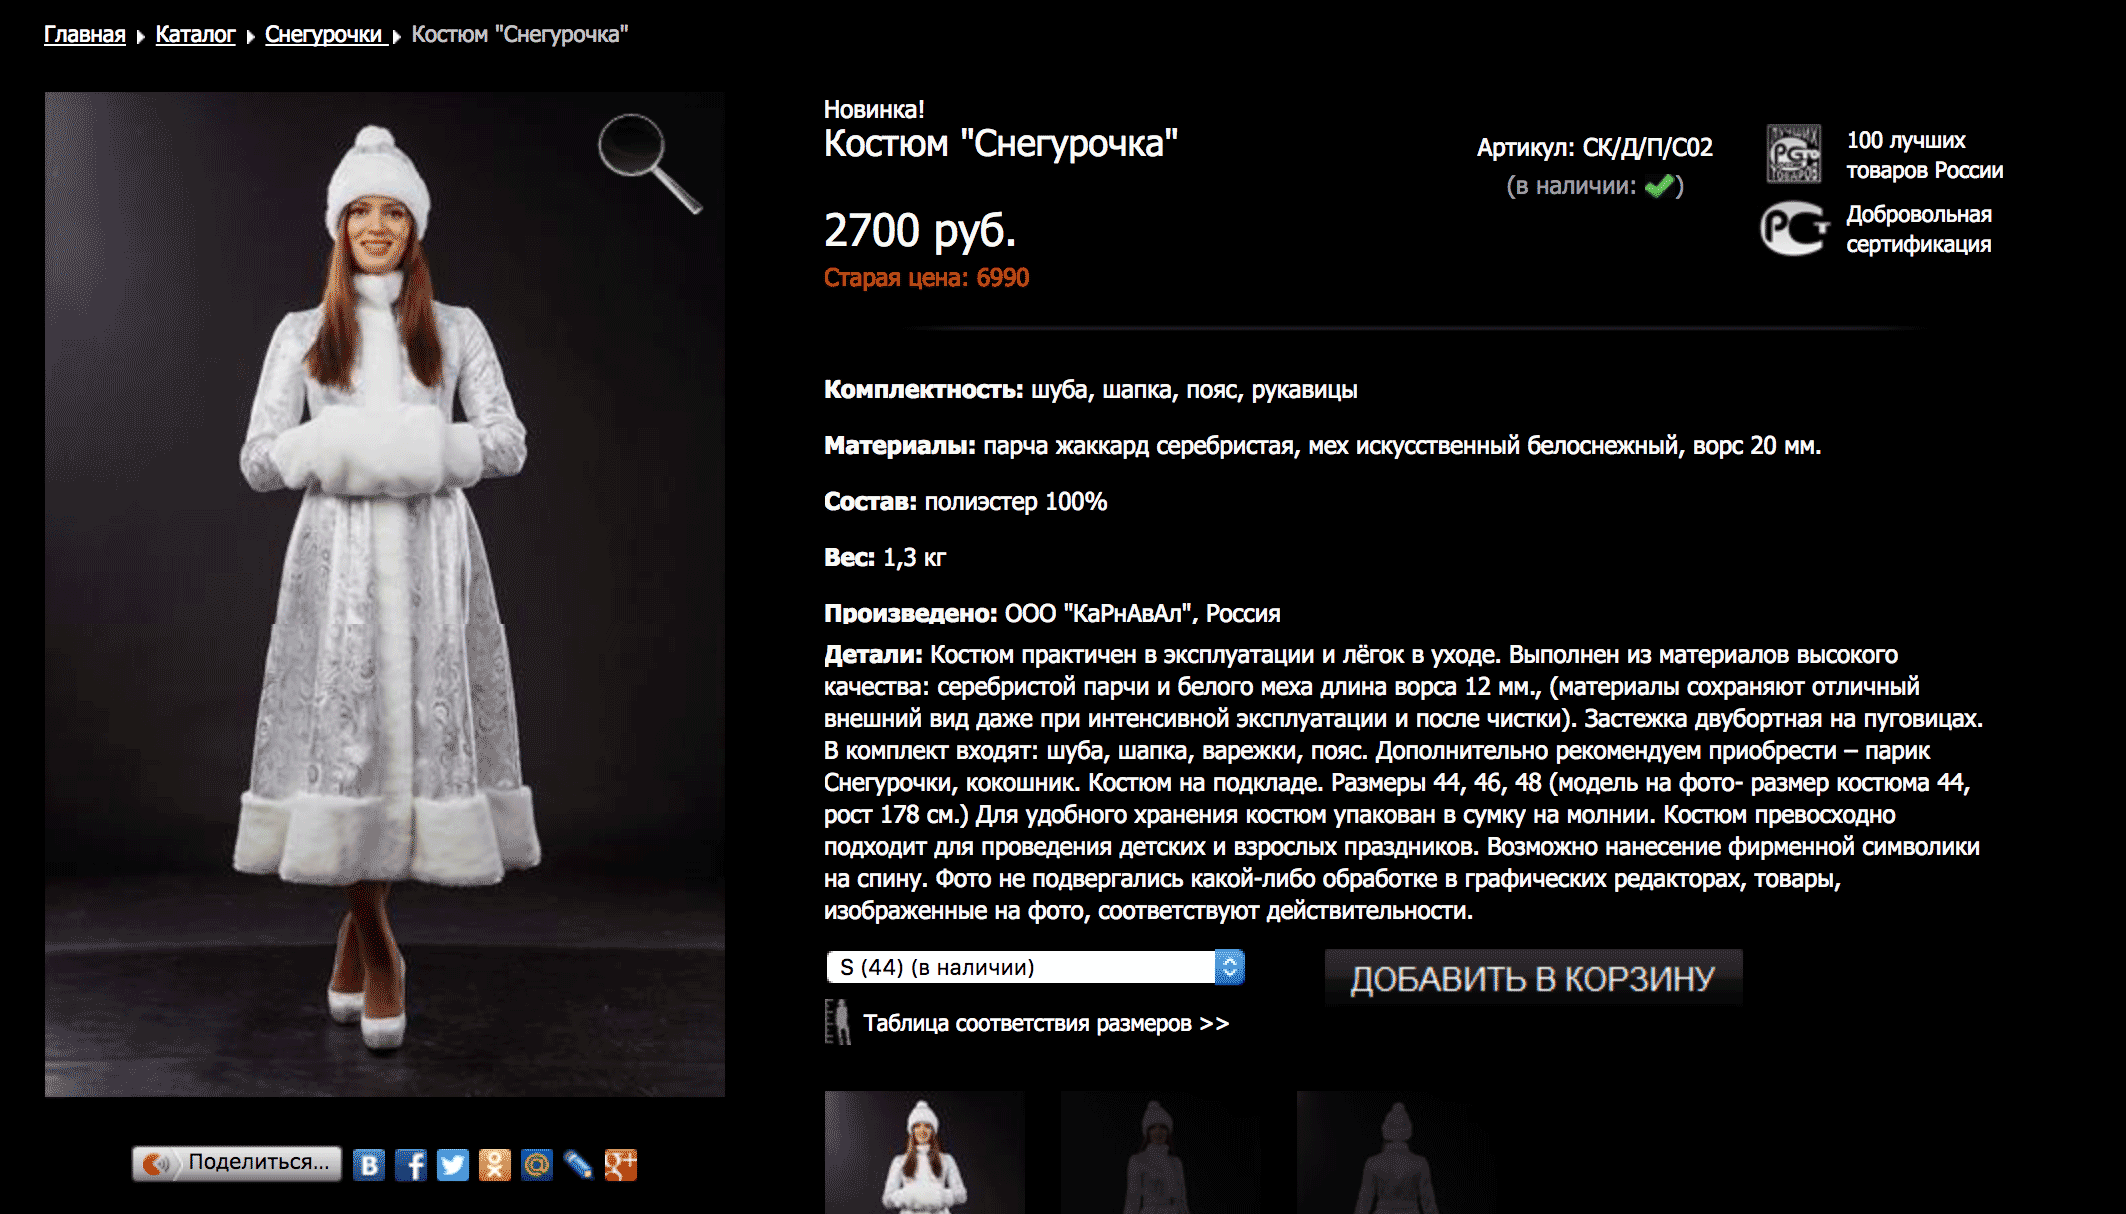 Бывают скидки: вот костюм Снегурочки за 3000 р. вместо 7000